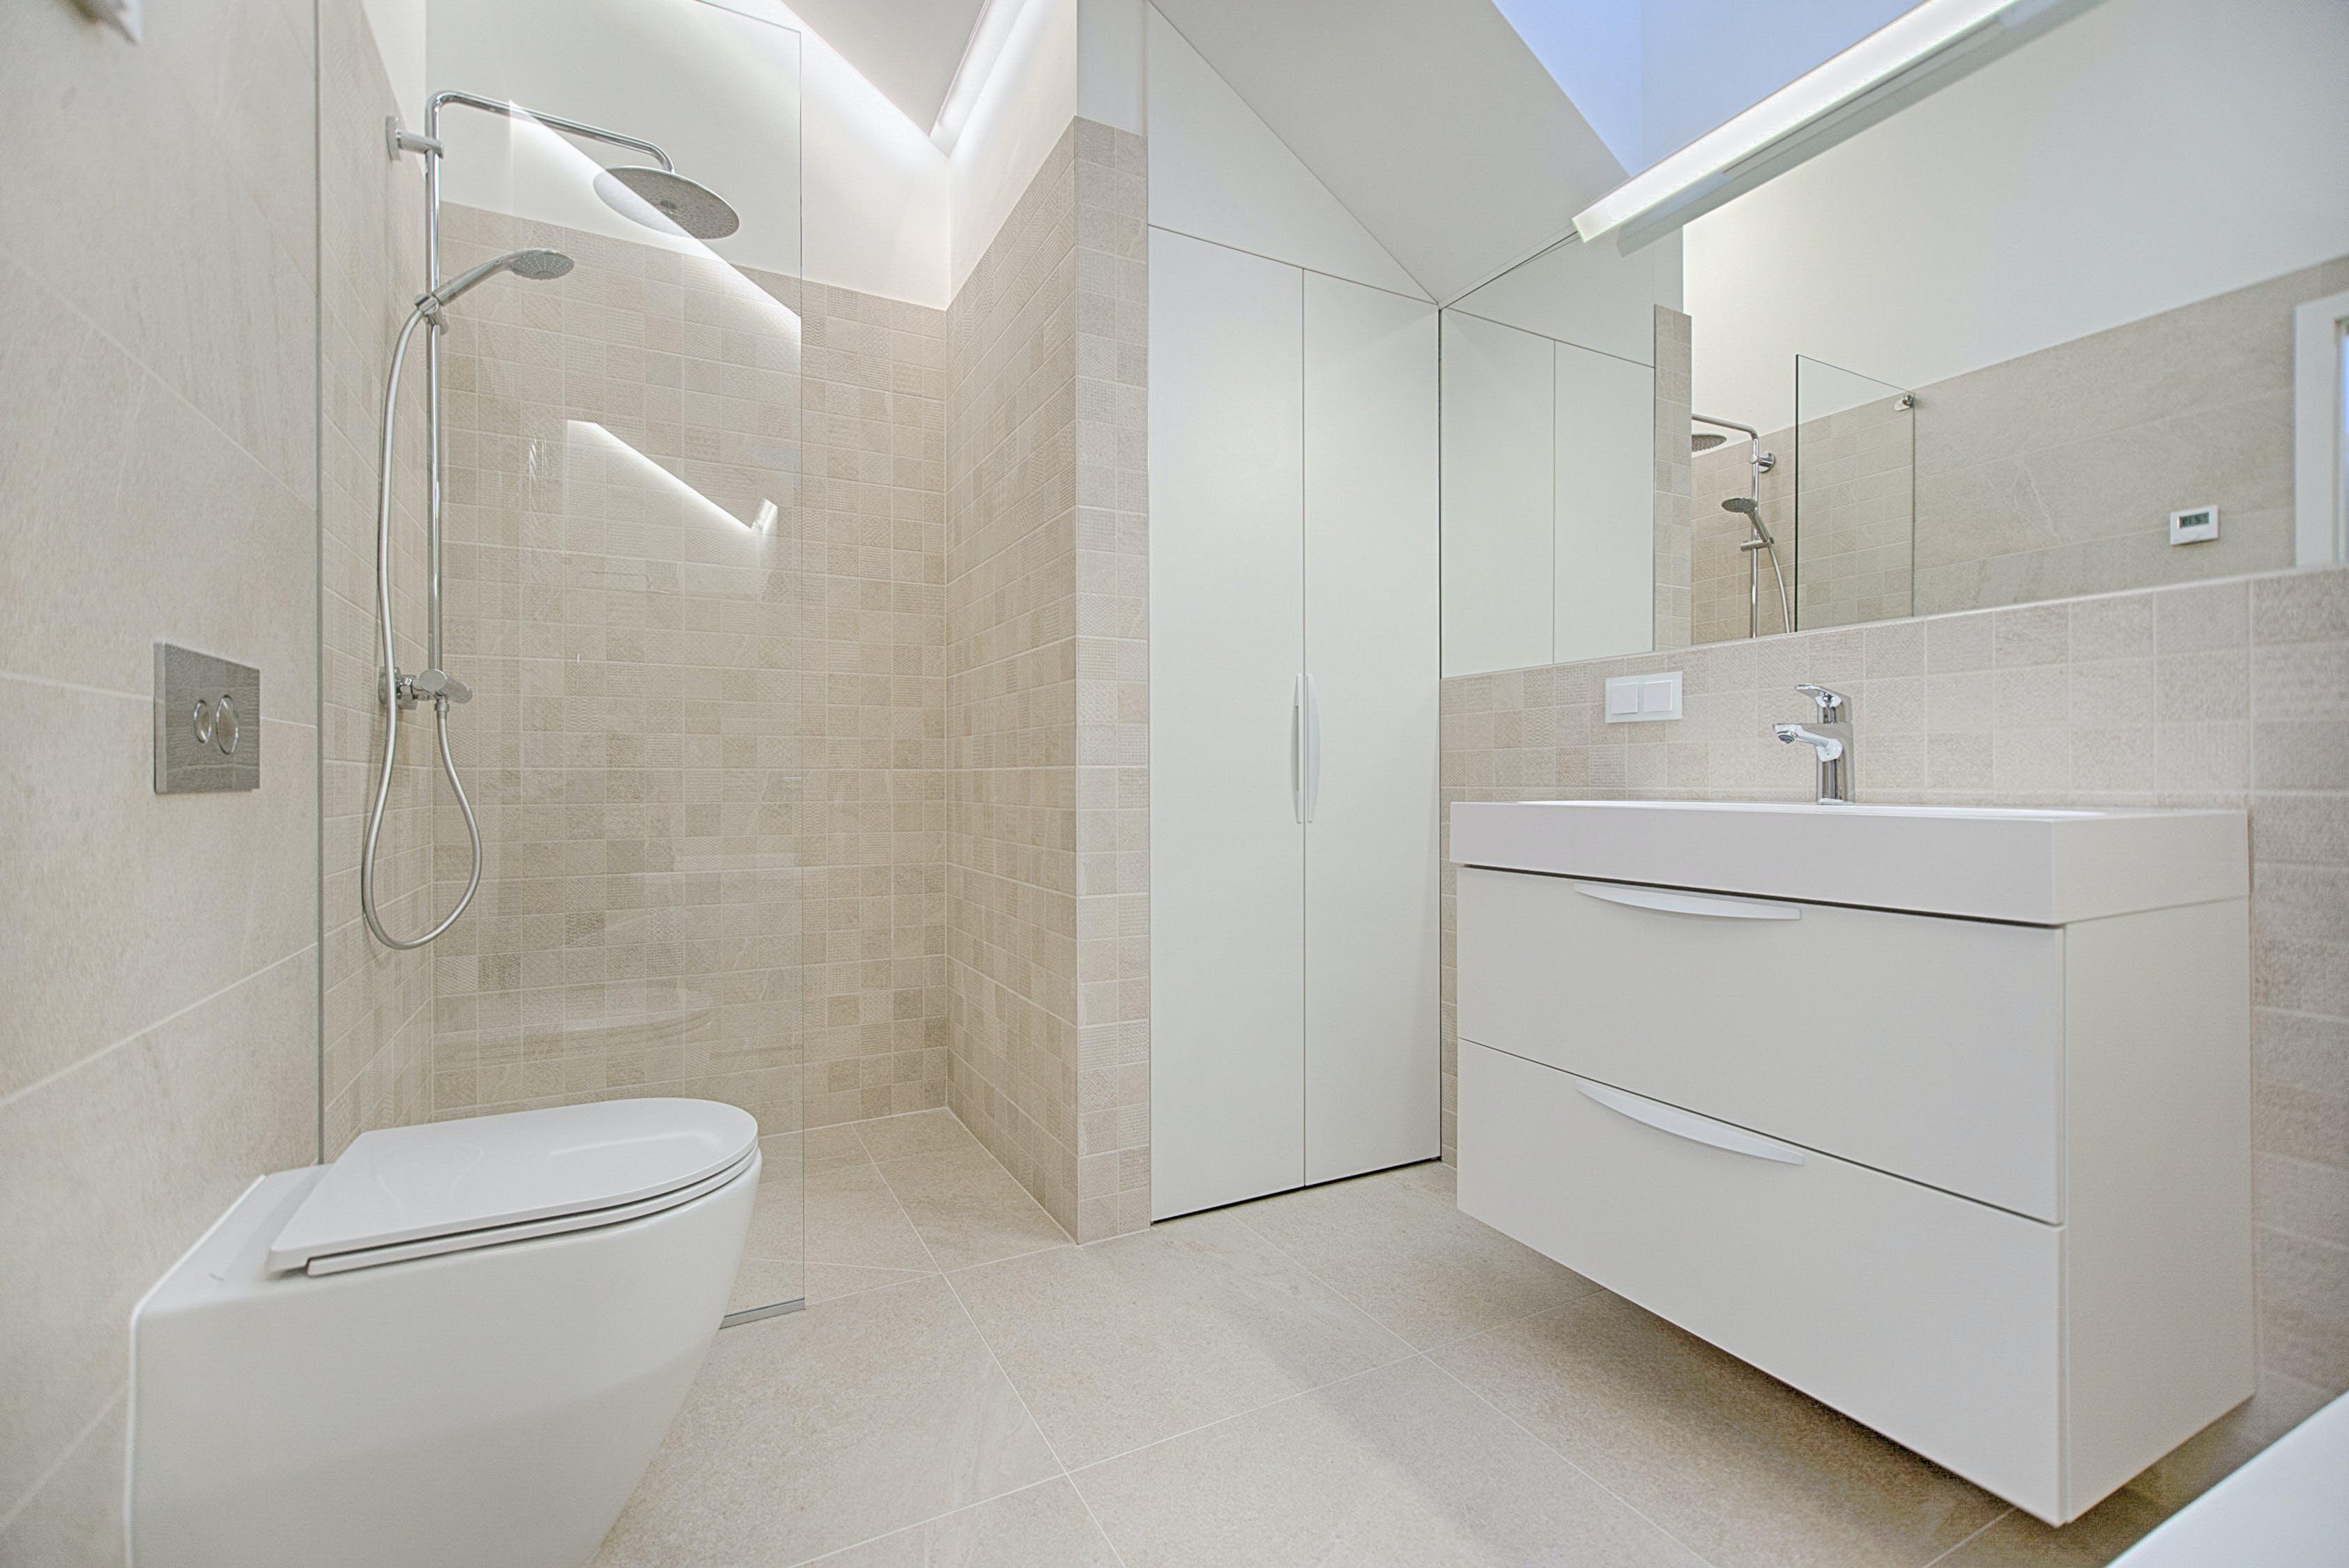 Ремонт в ванной: потолочный модуль для душа